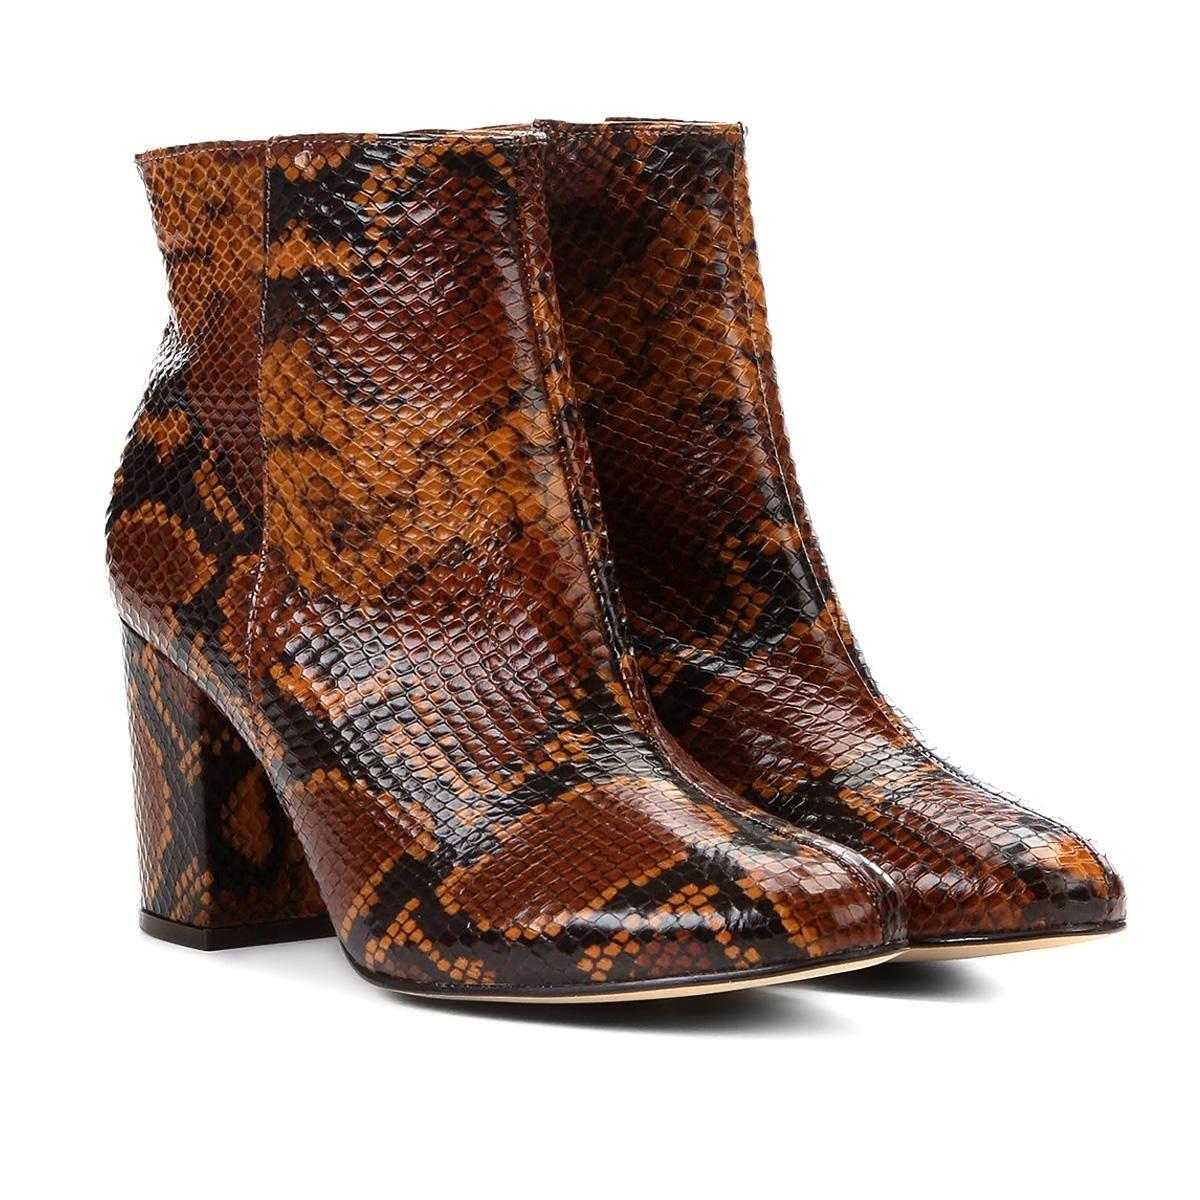 d27593808b Bota Couro Cano Curto Shoestock Snake Feminina - R$ 399,90 em ...